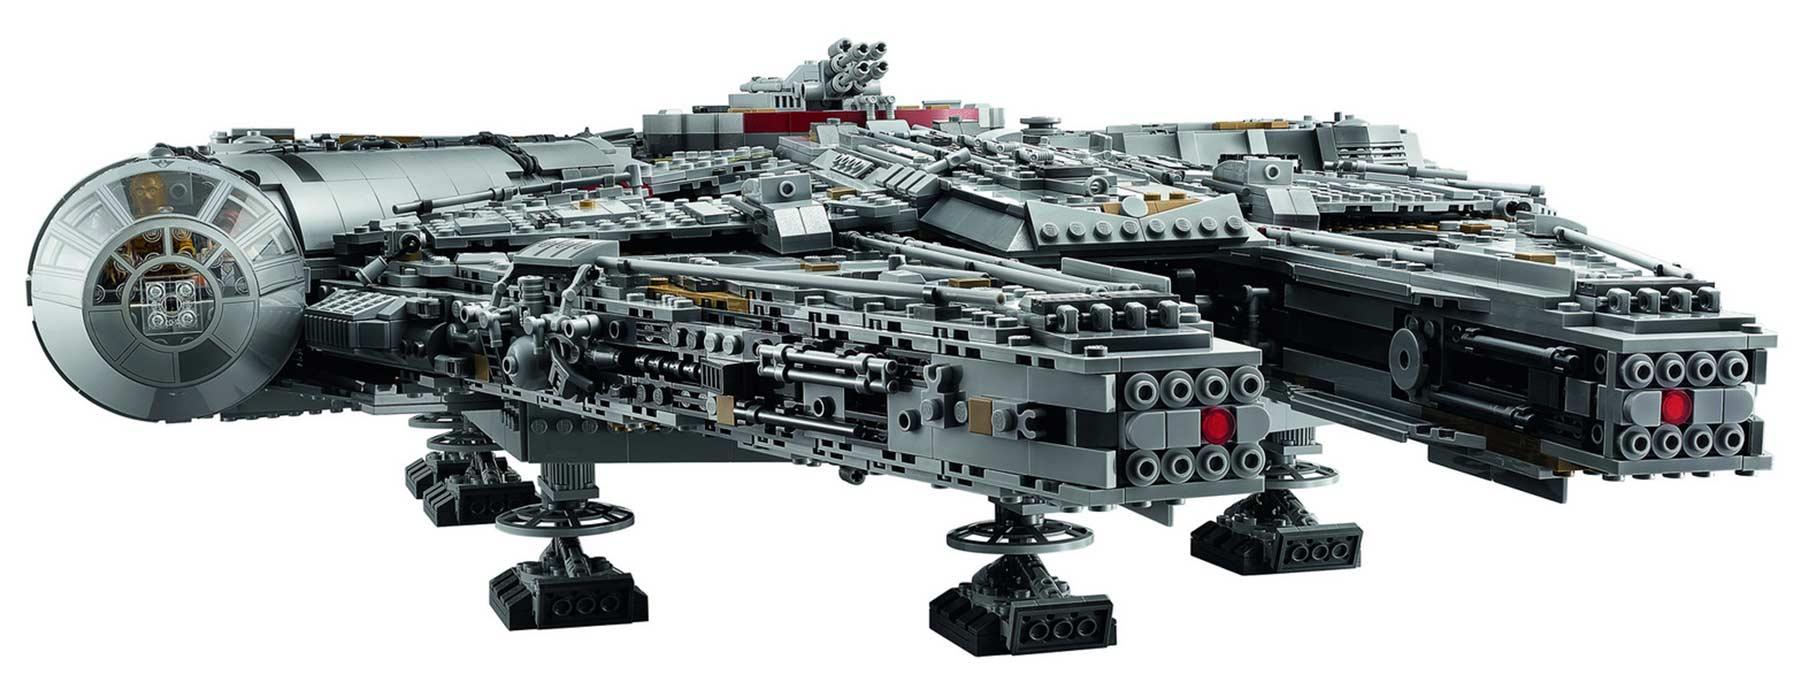 Dieser neue LEGO-Millennium Falcon kommt mit 7.541 Steinen LEGO-Millennium-Falcon-neu_08